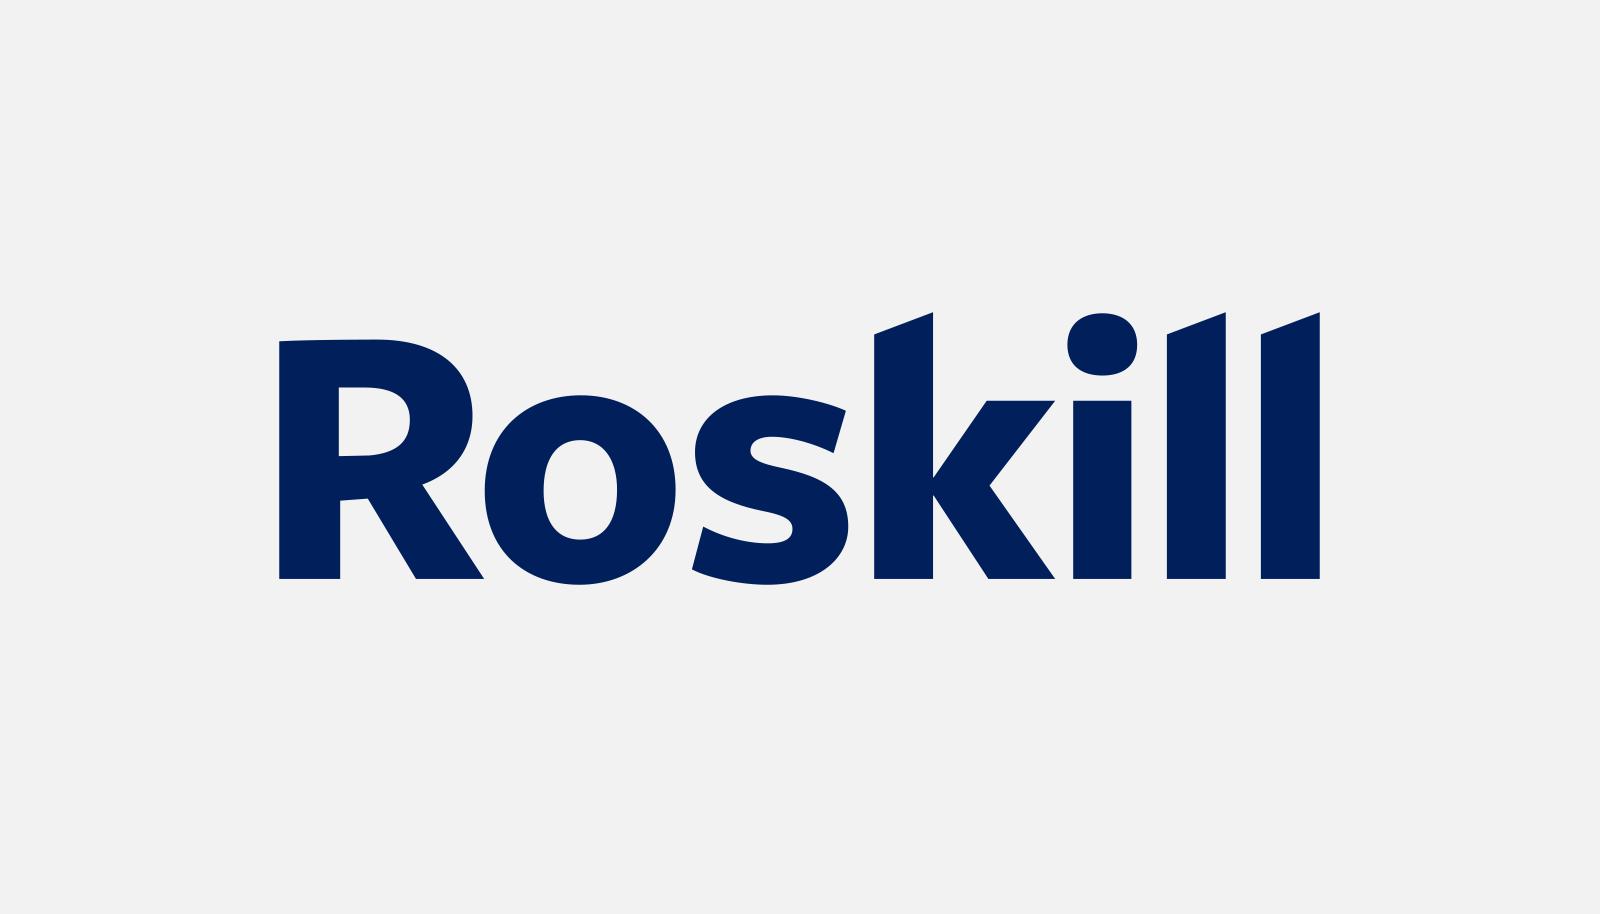 Roskill logo